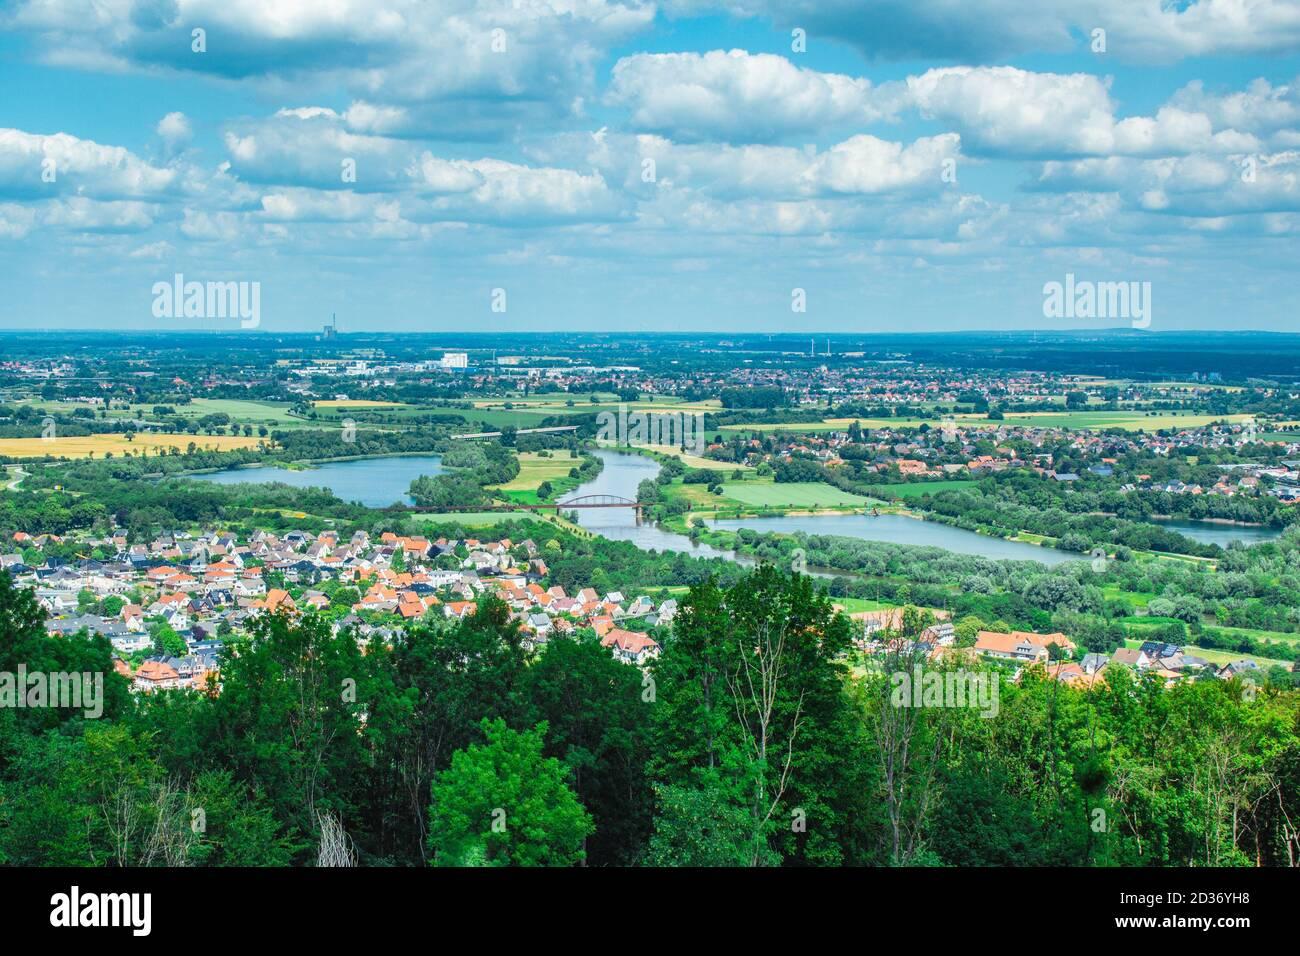 Paysage allemand pittoresque à Weserbergland. Vue depuis le monument de l'empereur William (Witteinsberg) près de la ville de Porta Westfalica, Rhénanie du Nord-Westphalie Banque D'Images